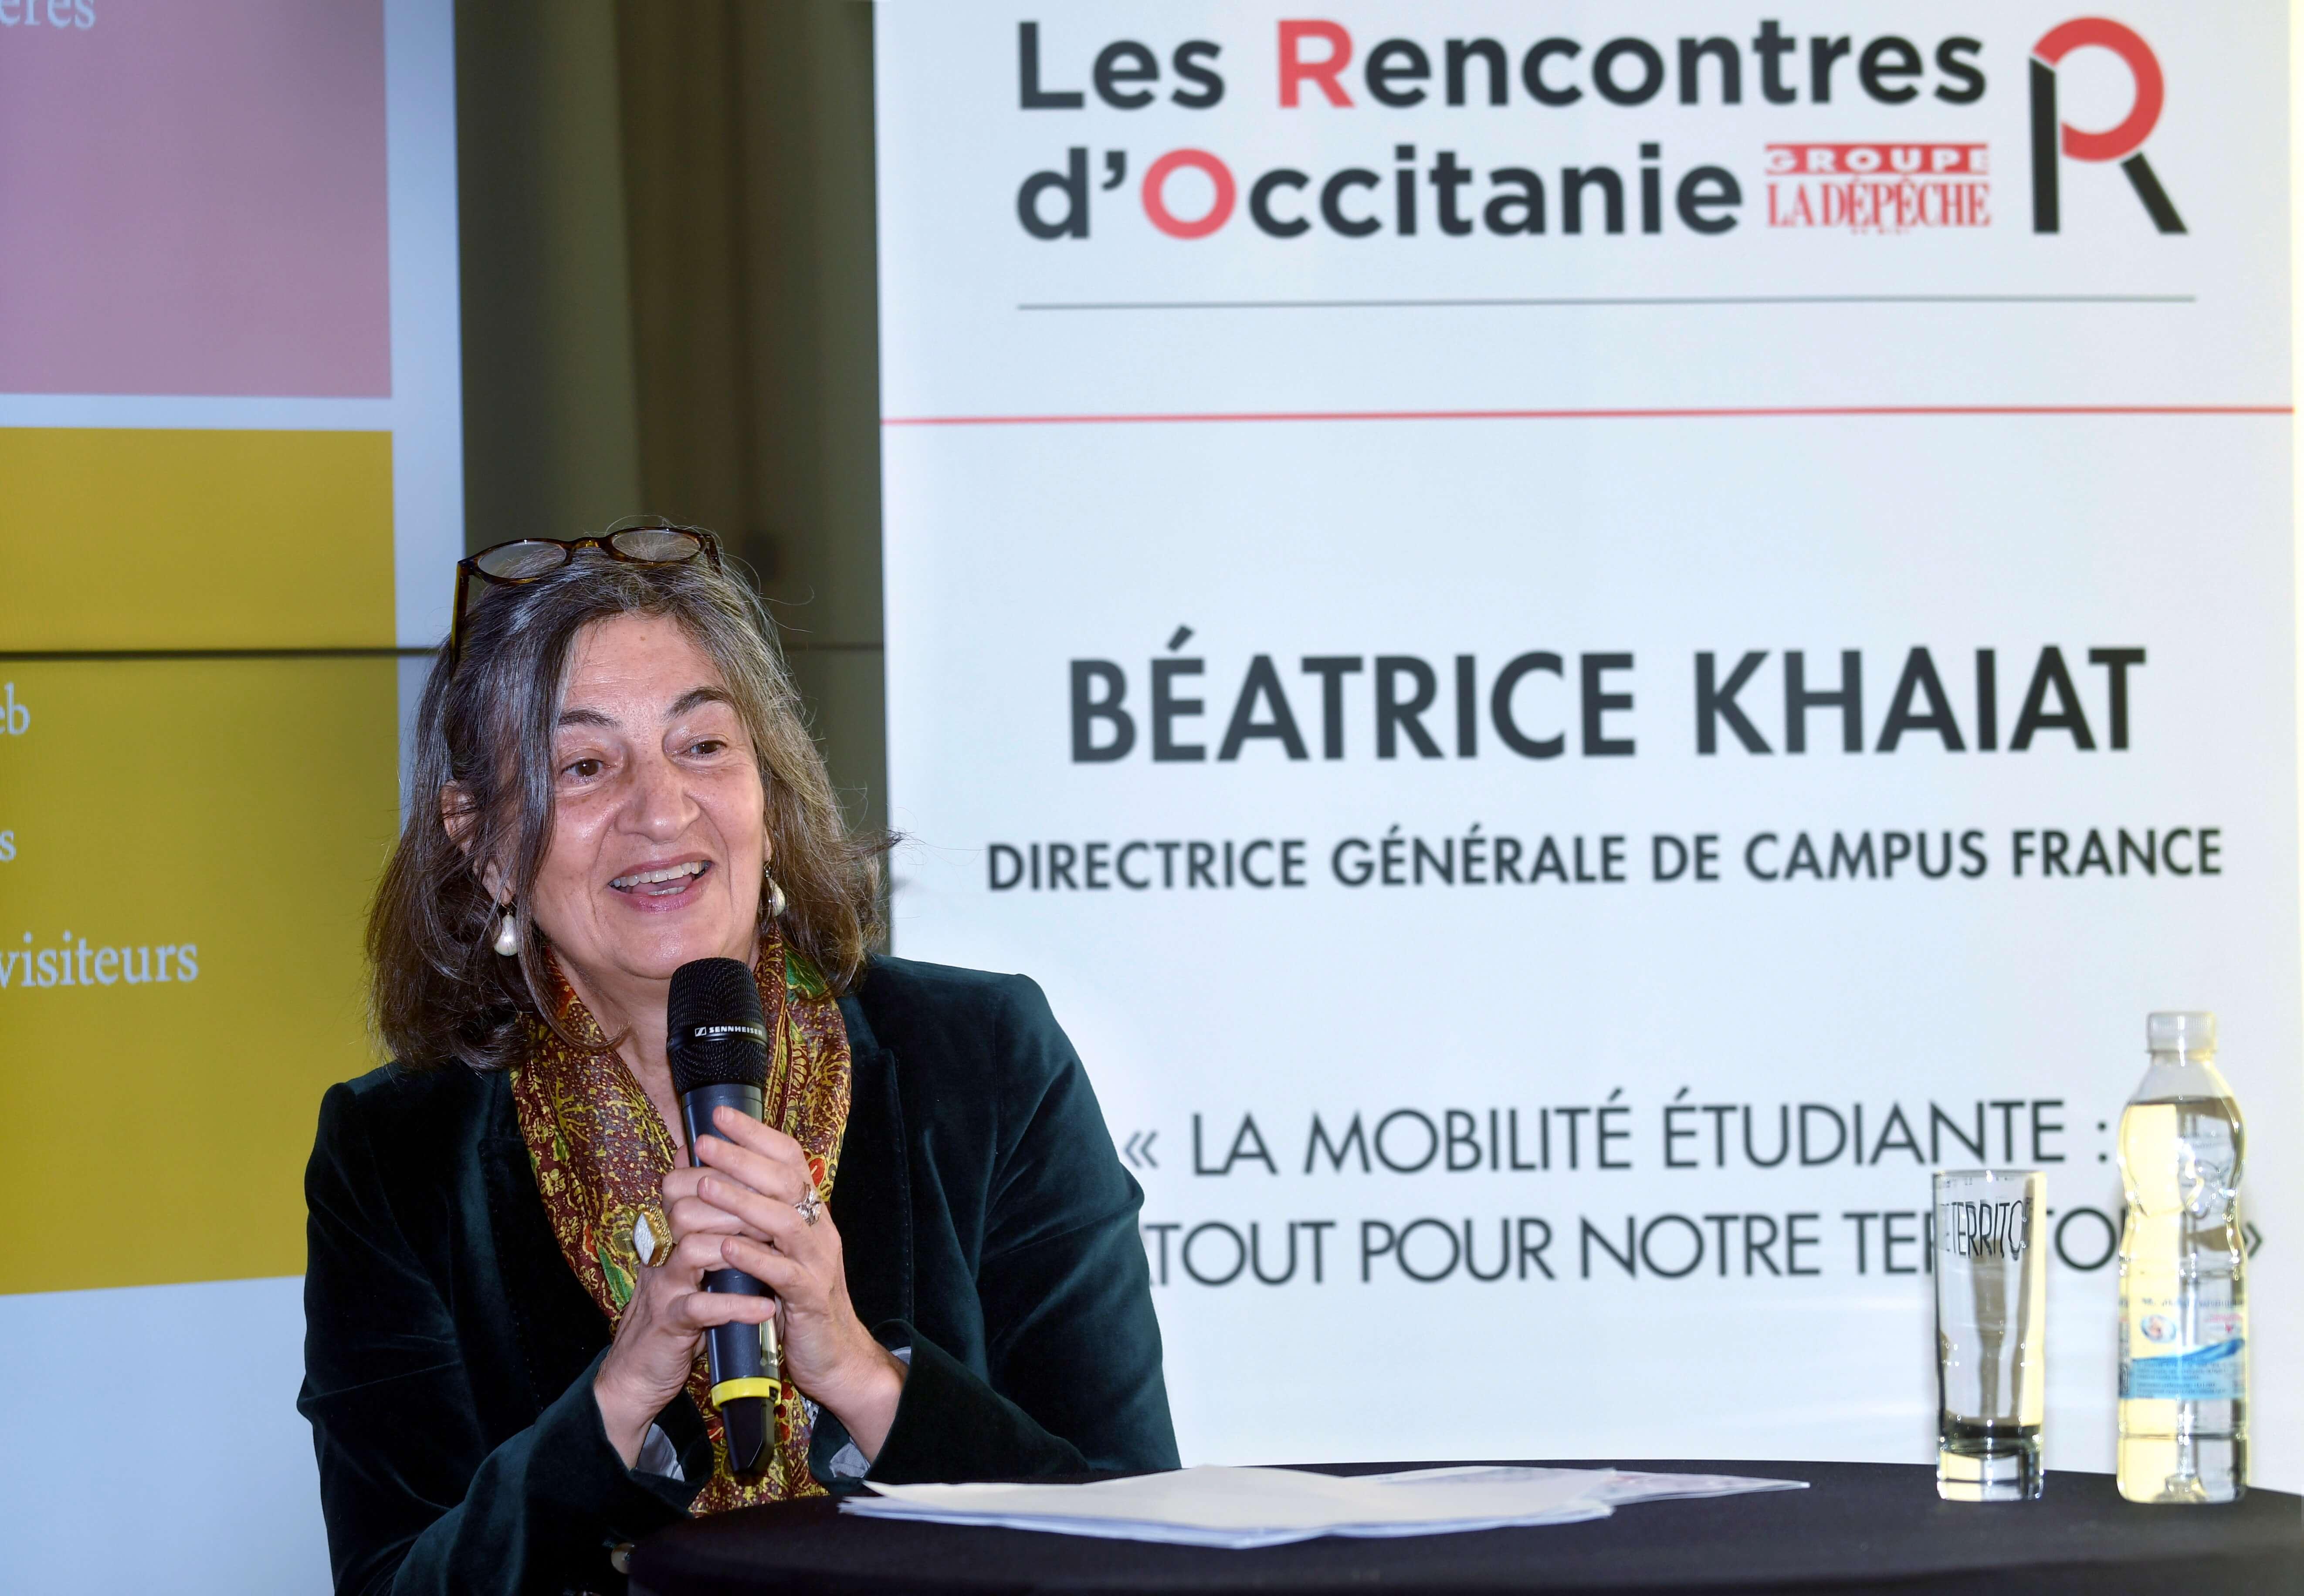 Béatrice KHAIAT 21eme édition Les Rencontres d'Occitanie